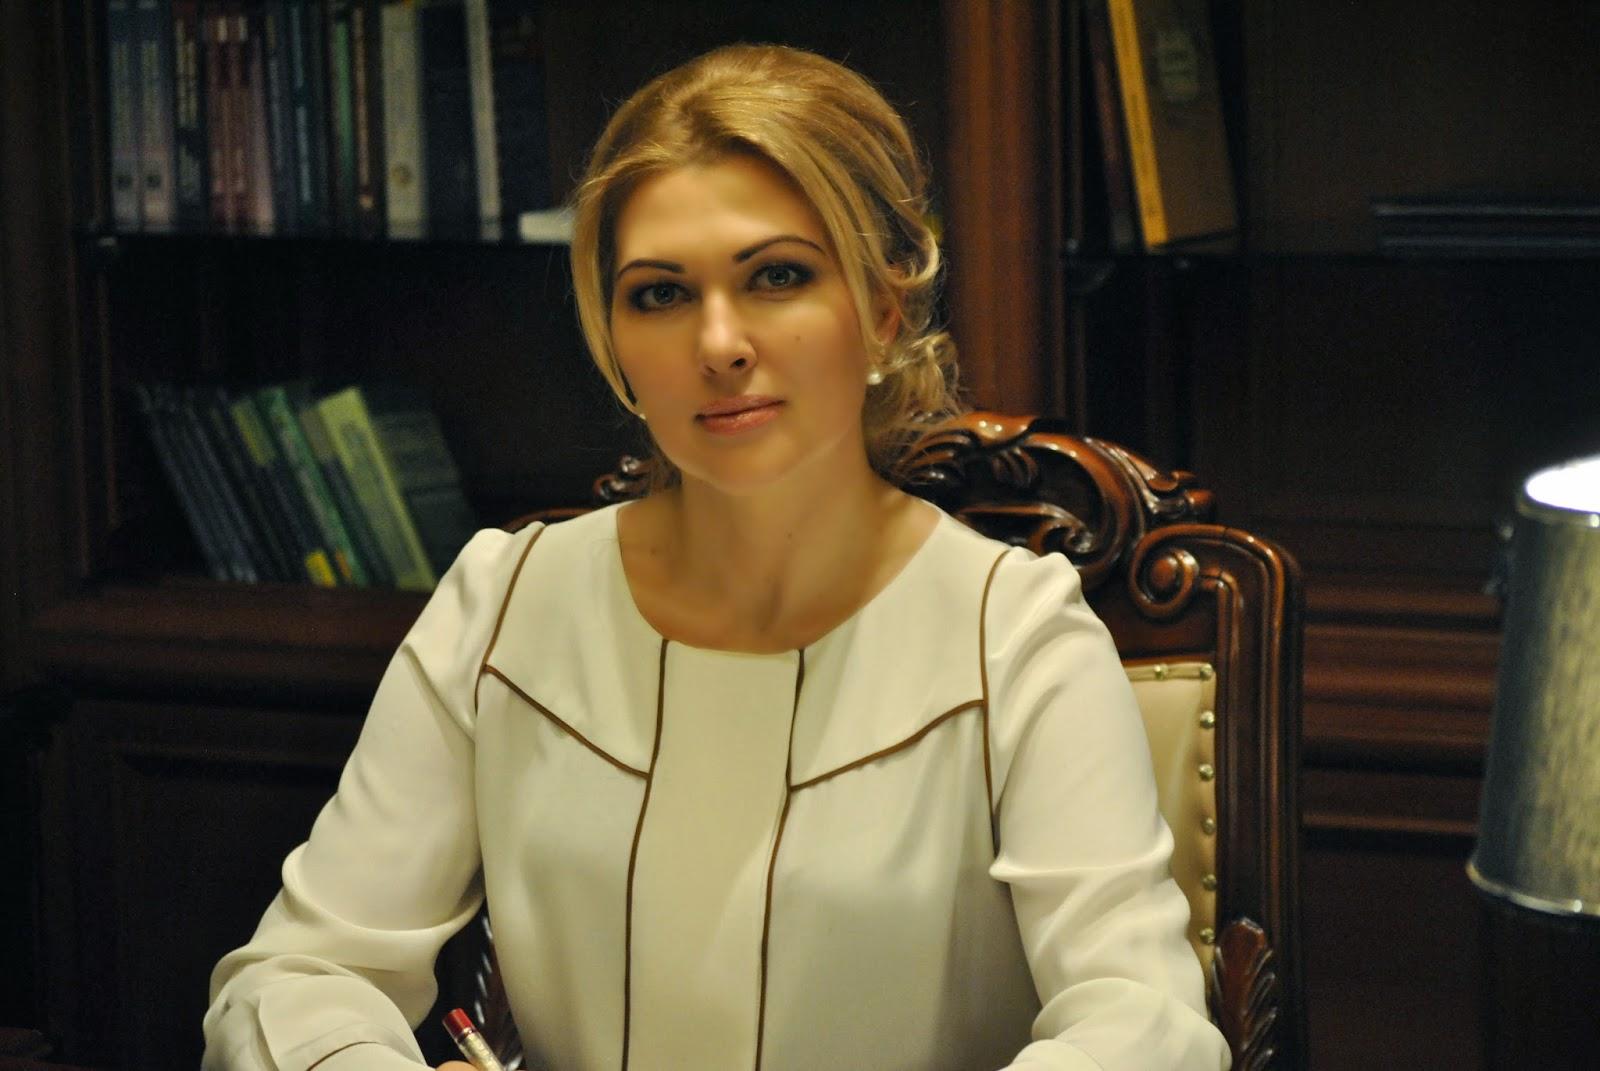 Гламурная одесская судья задекларировала пять шуб, два «Ролекса» и много золота